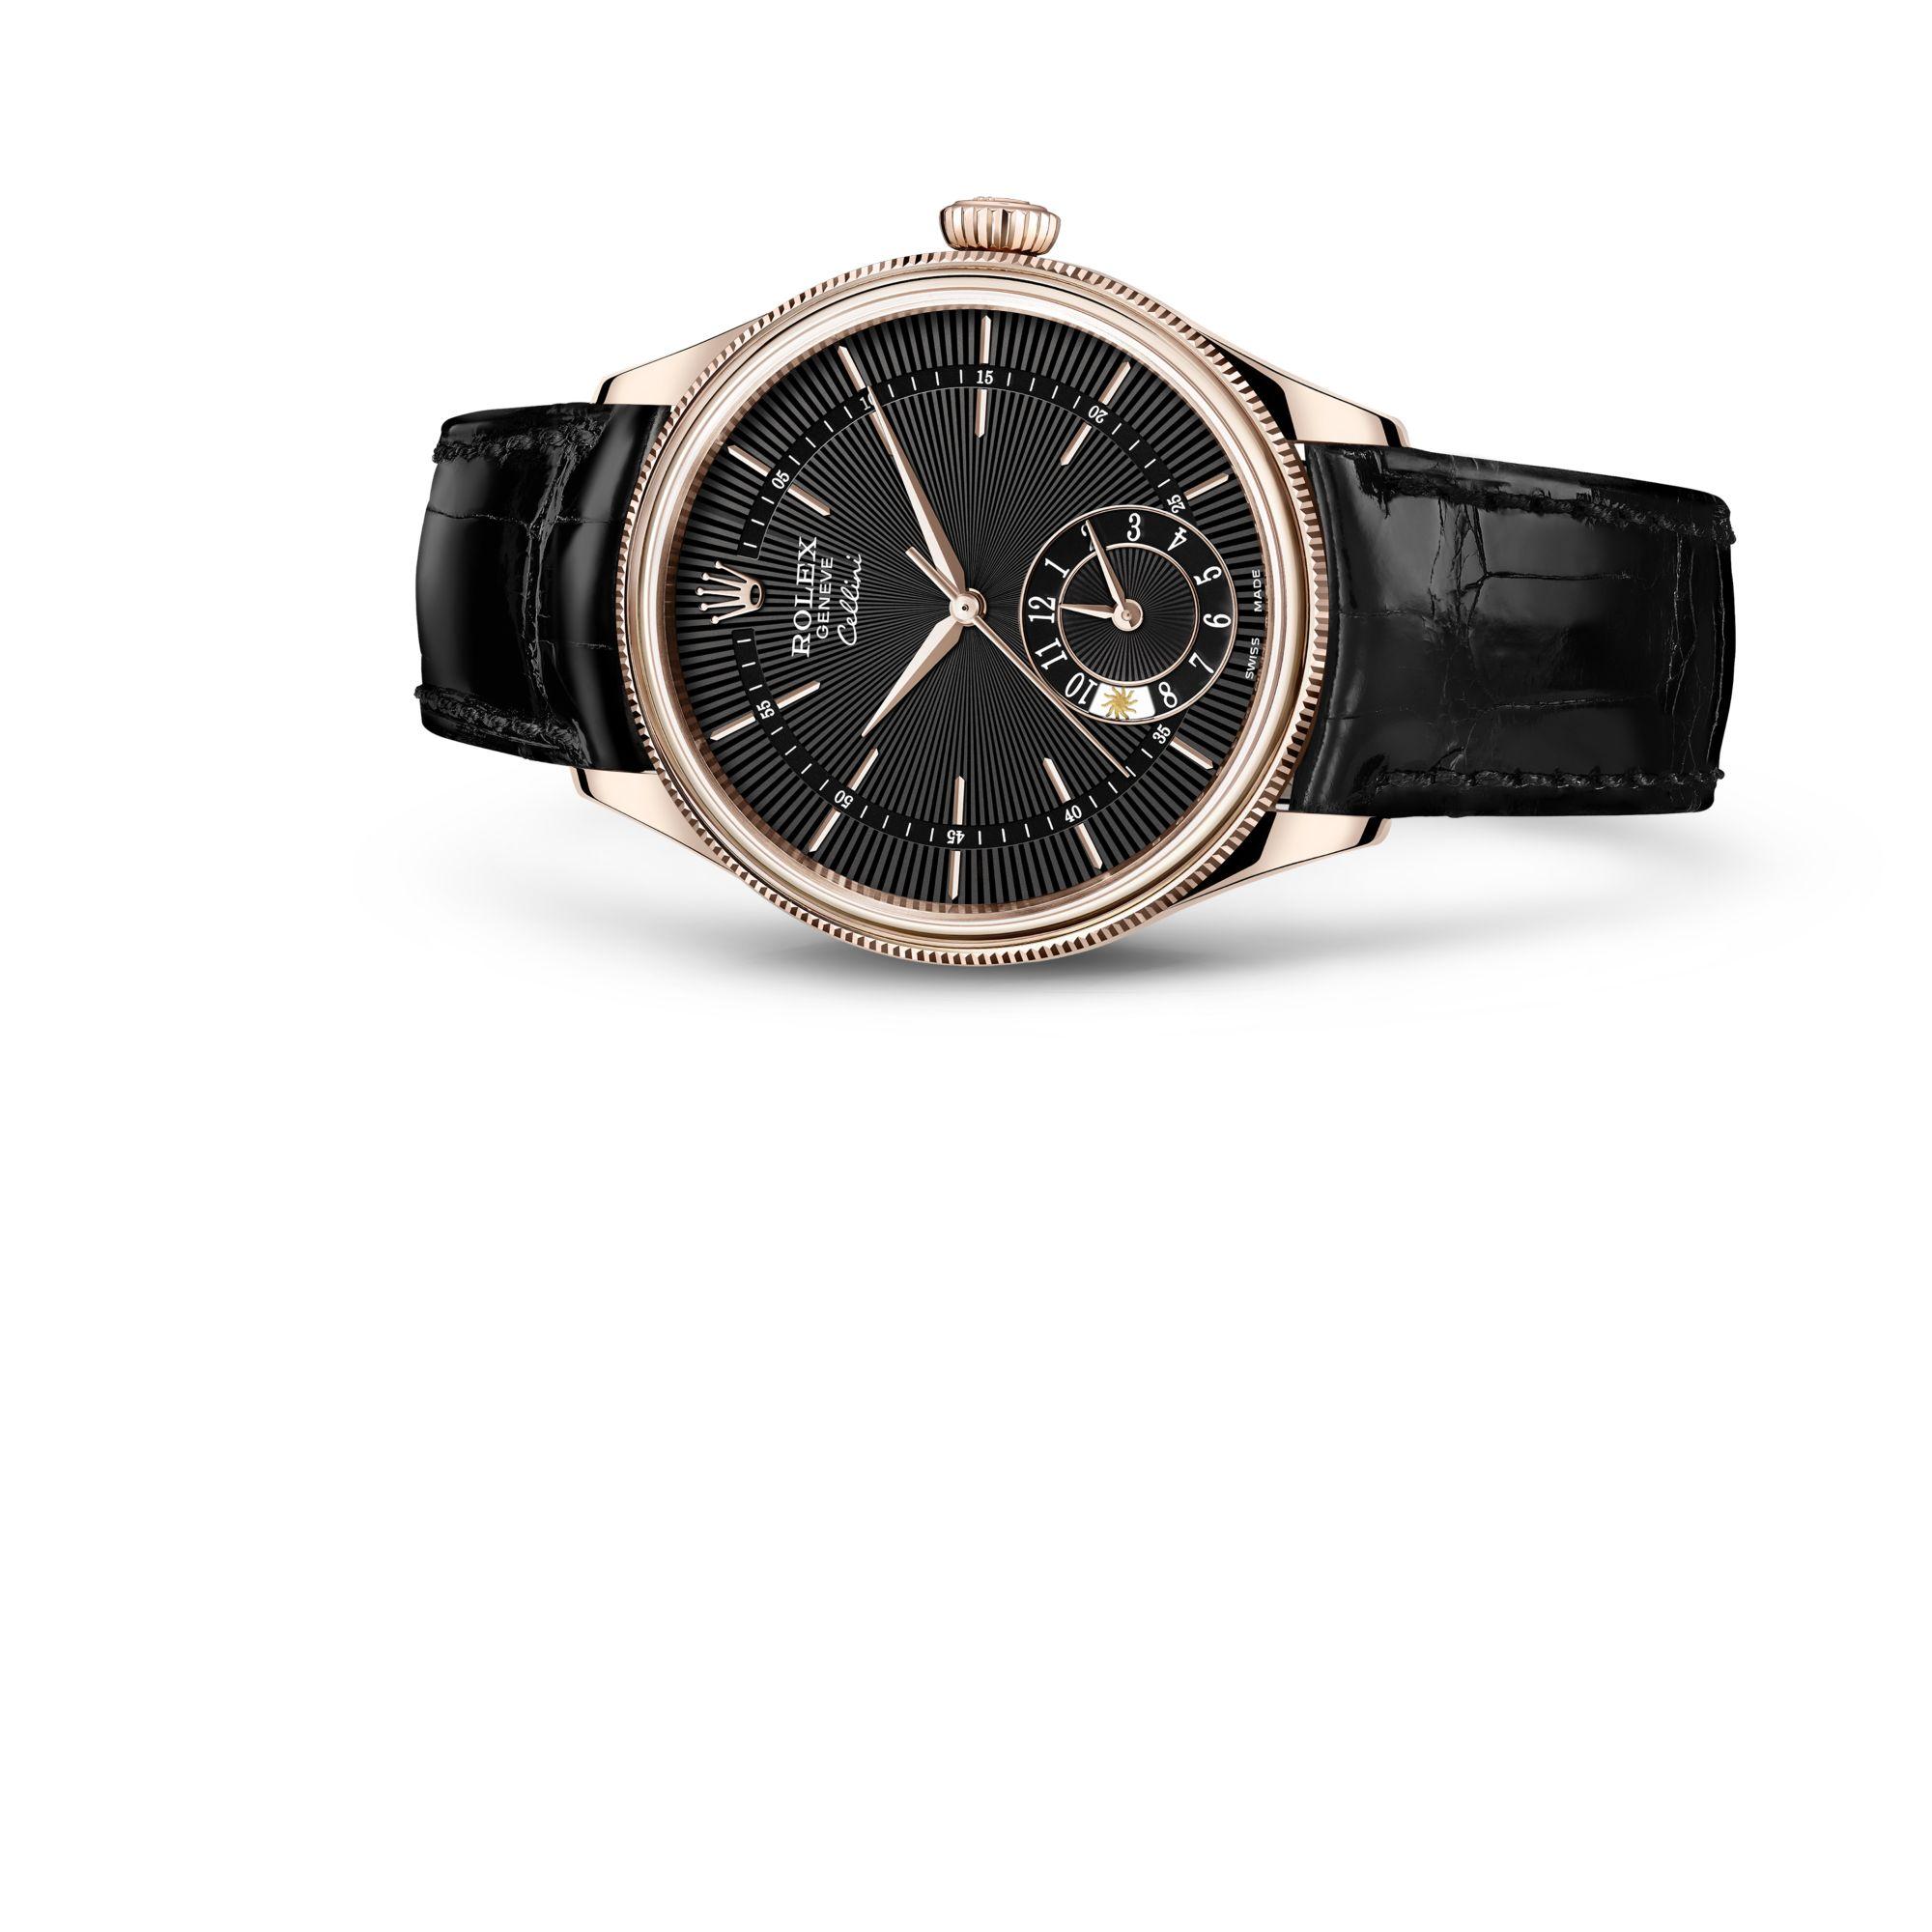 Rolex チェリーニ<br>デュアルタイム M50525-0011